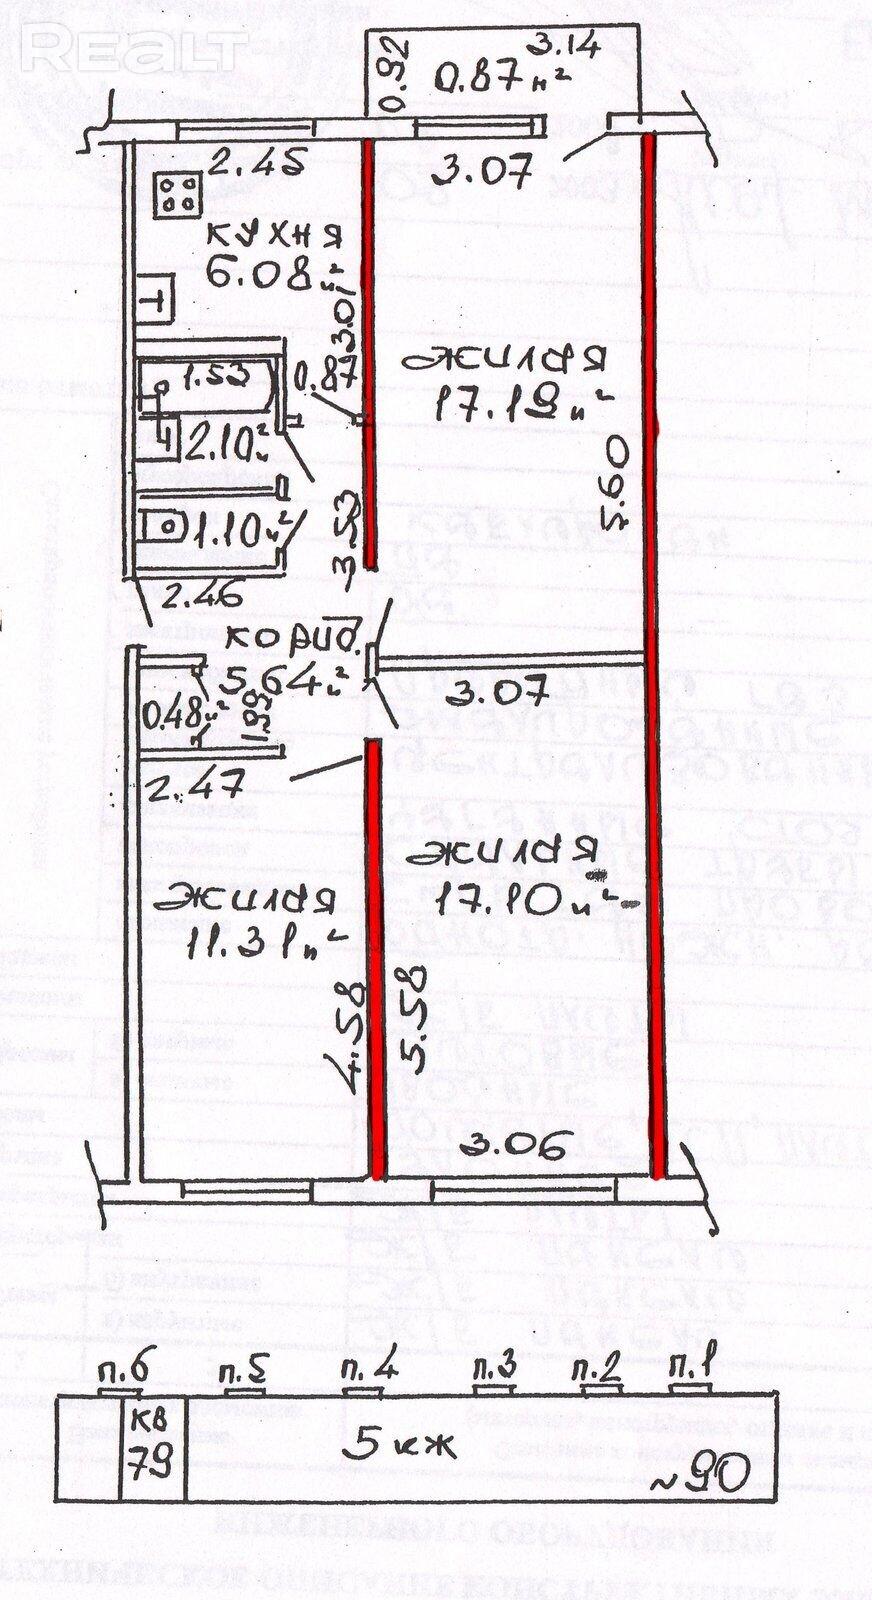 Продается комната в 3-х комнатной квартире, Гомель - фото №3